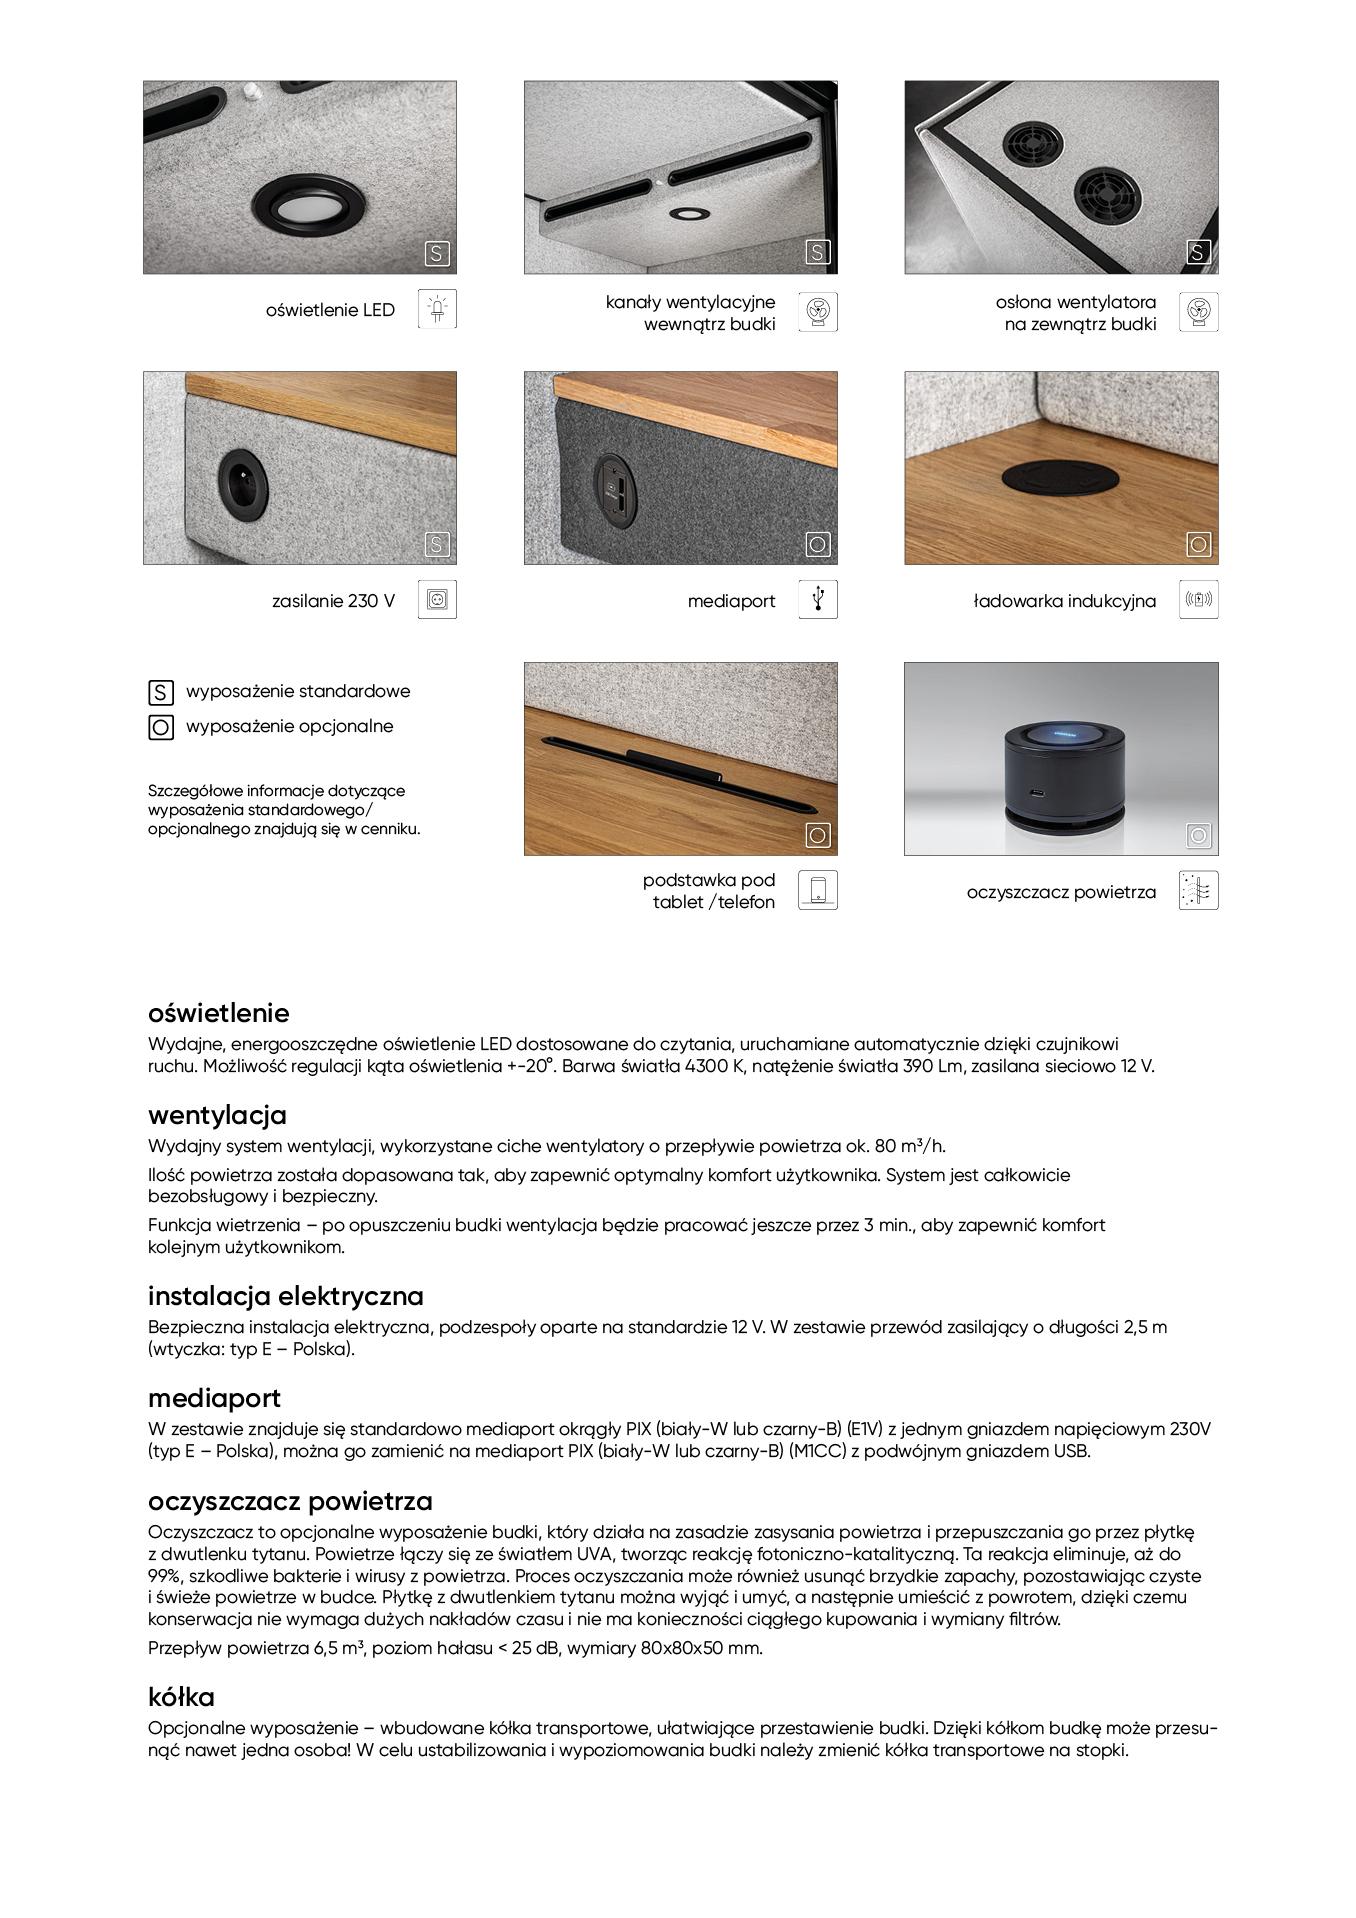 karta-produktowa-qd-sgb3.jpg